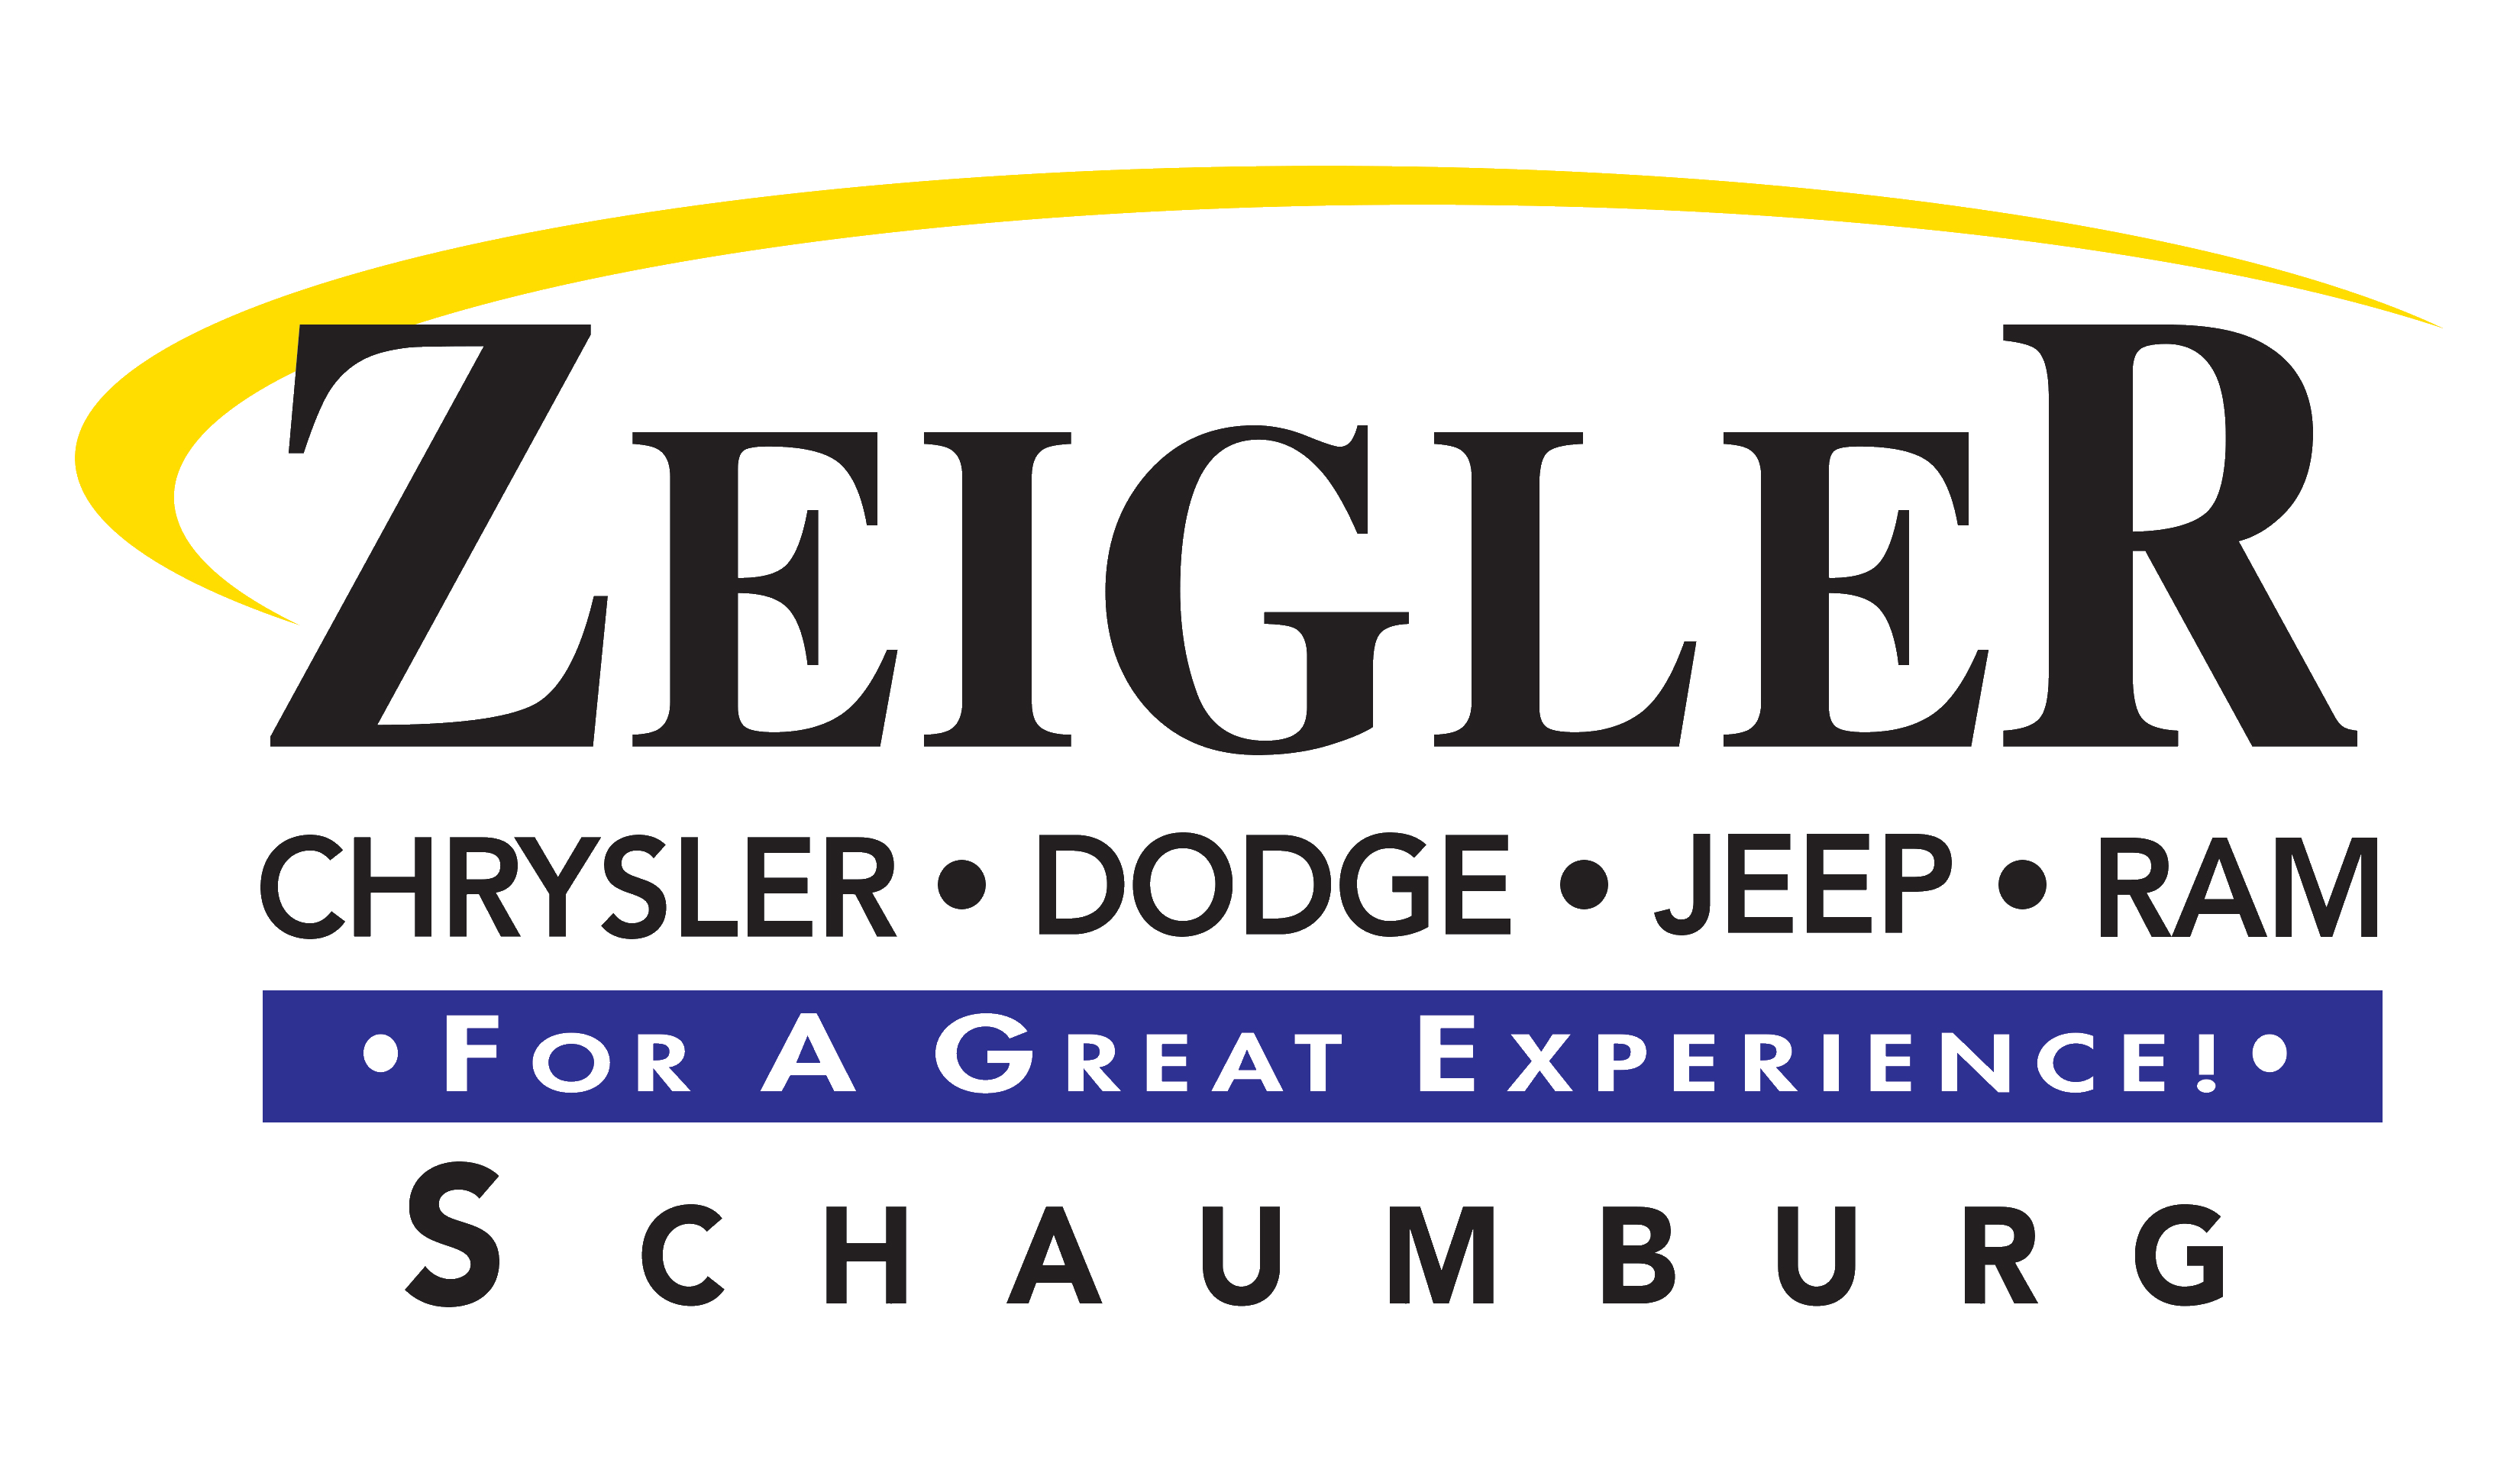 ZeiglerSchaumburg